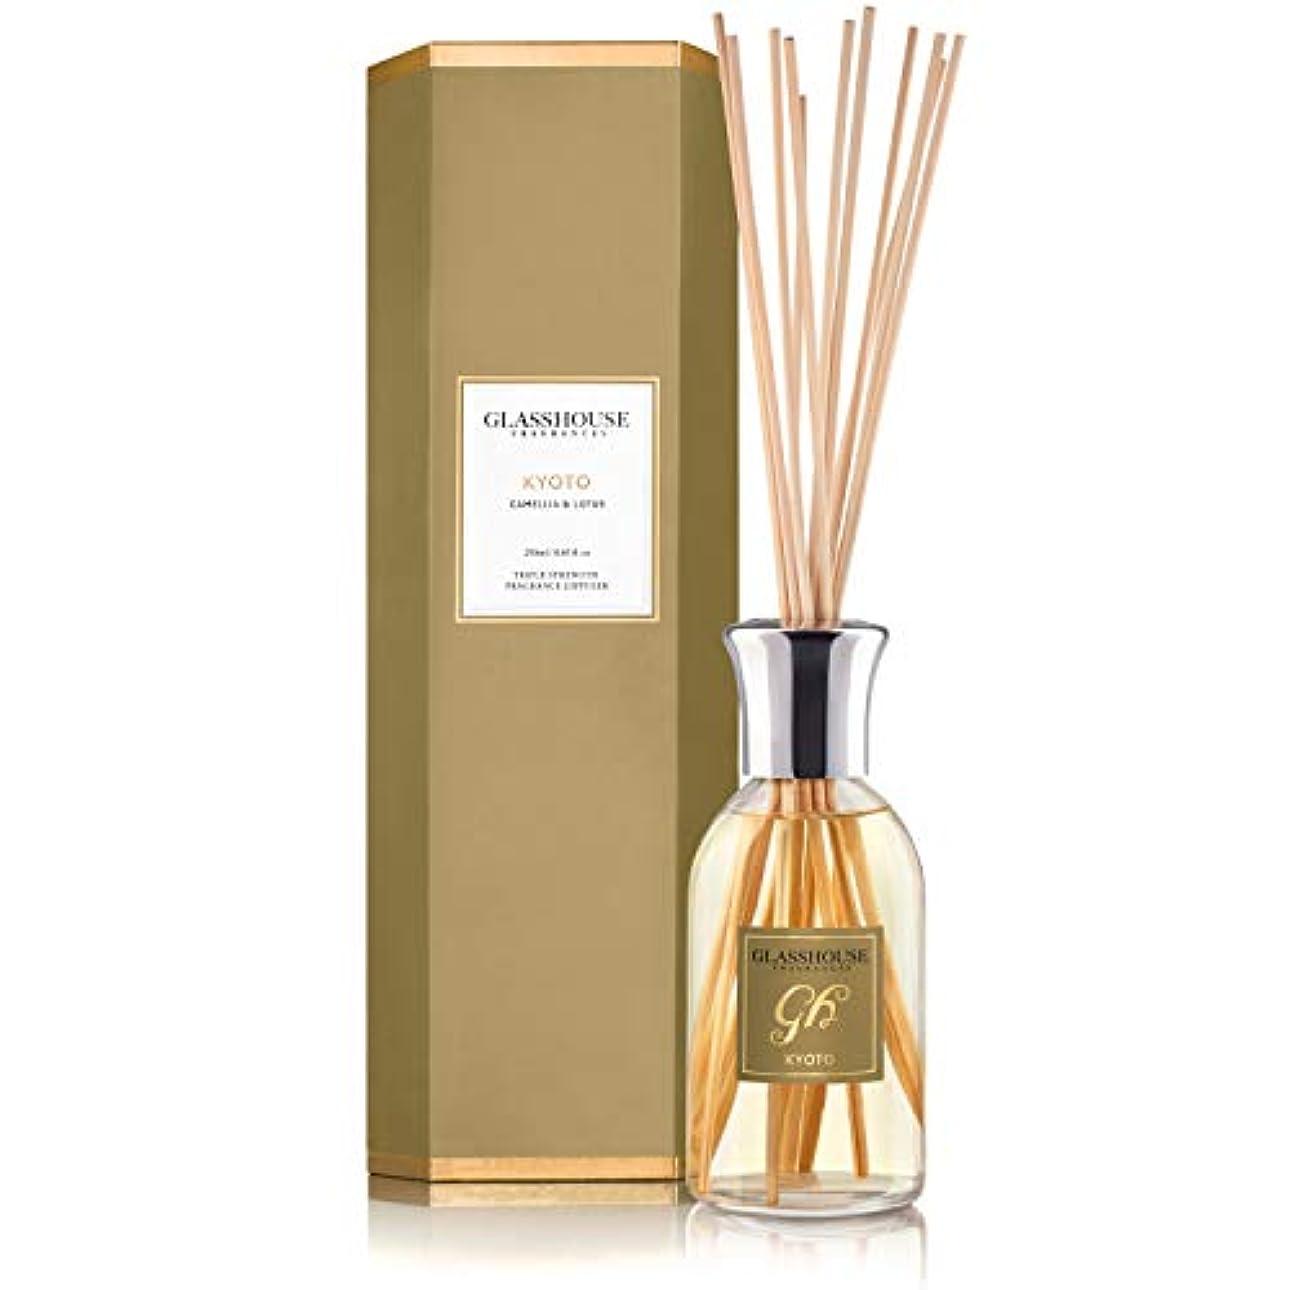 不良品意図文芸グラスハウス Triple Strength Fragrance Diffuser - Kyoto (Camellia & Lotus) 250ml/8.45oz並行輸入品